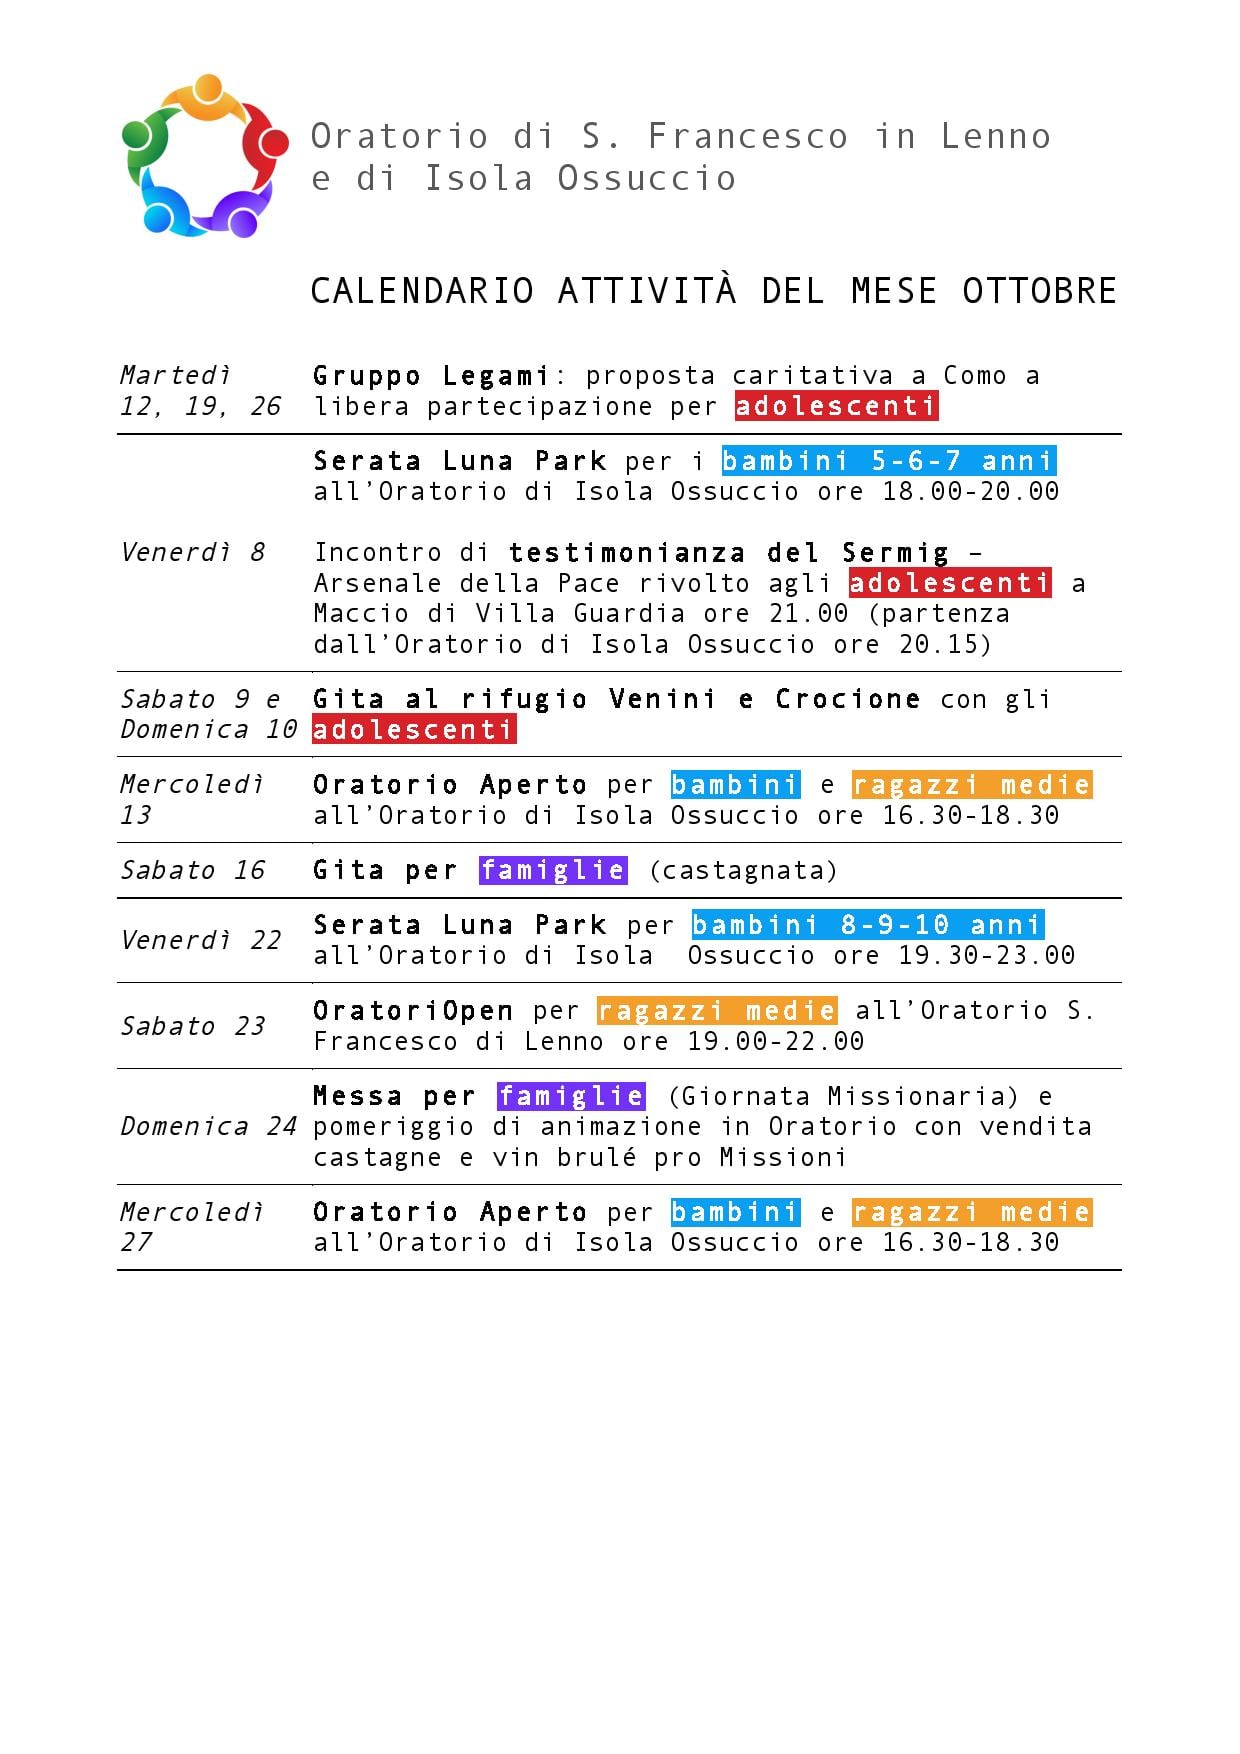 Calendario attività oratorio Ottobre 2021